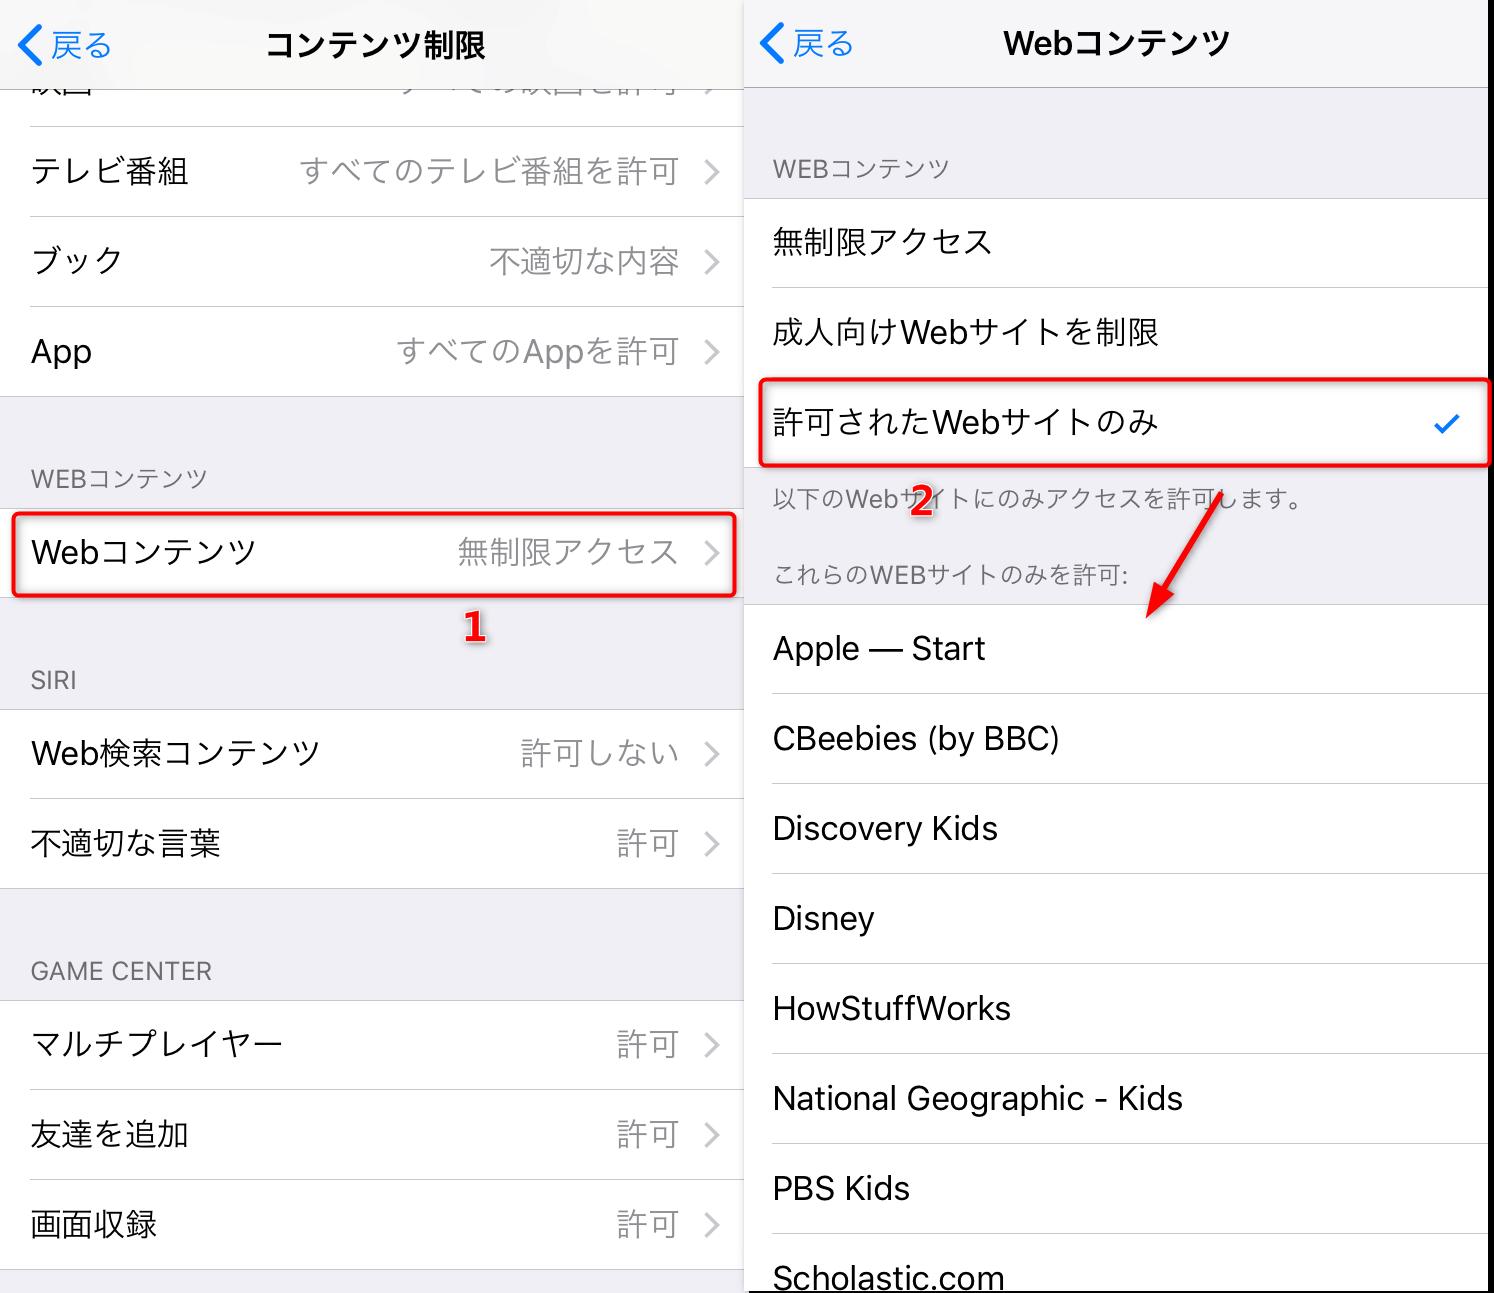 子供のiPhone/iPadで設定すべき機能制限 10